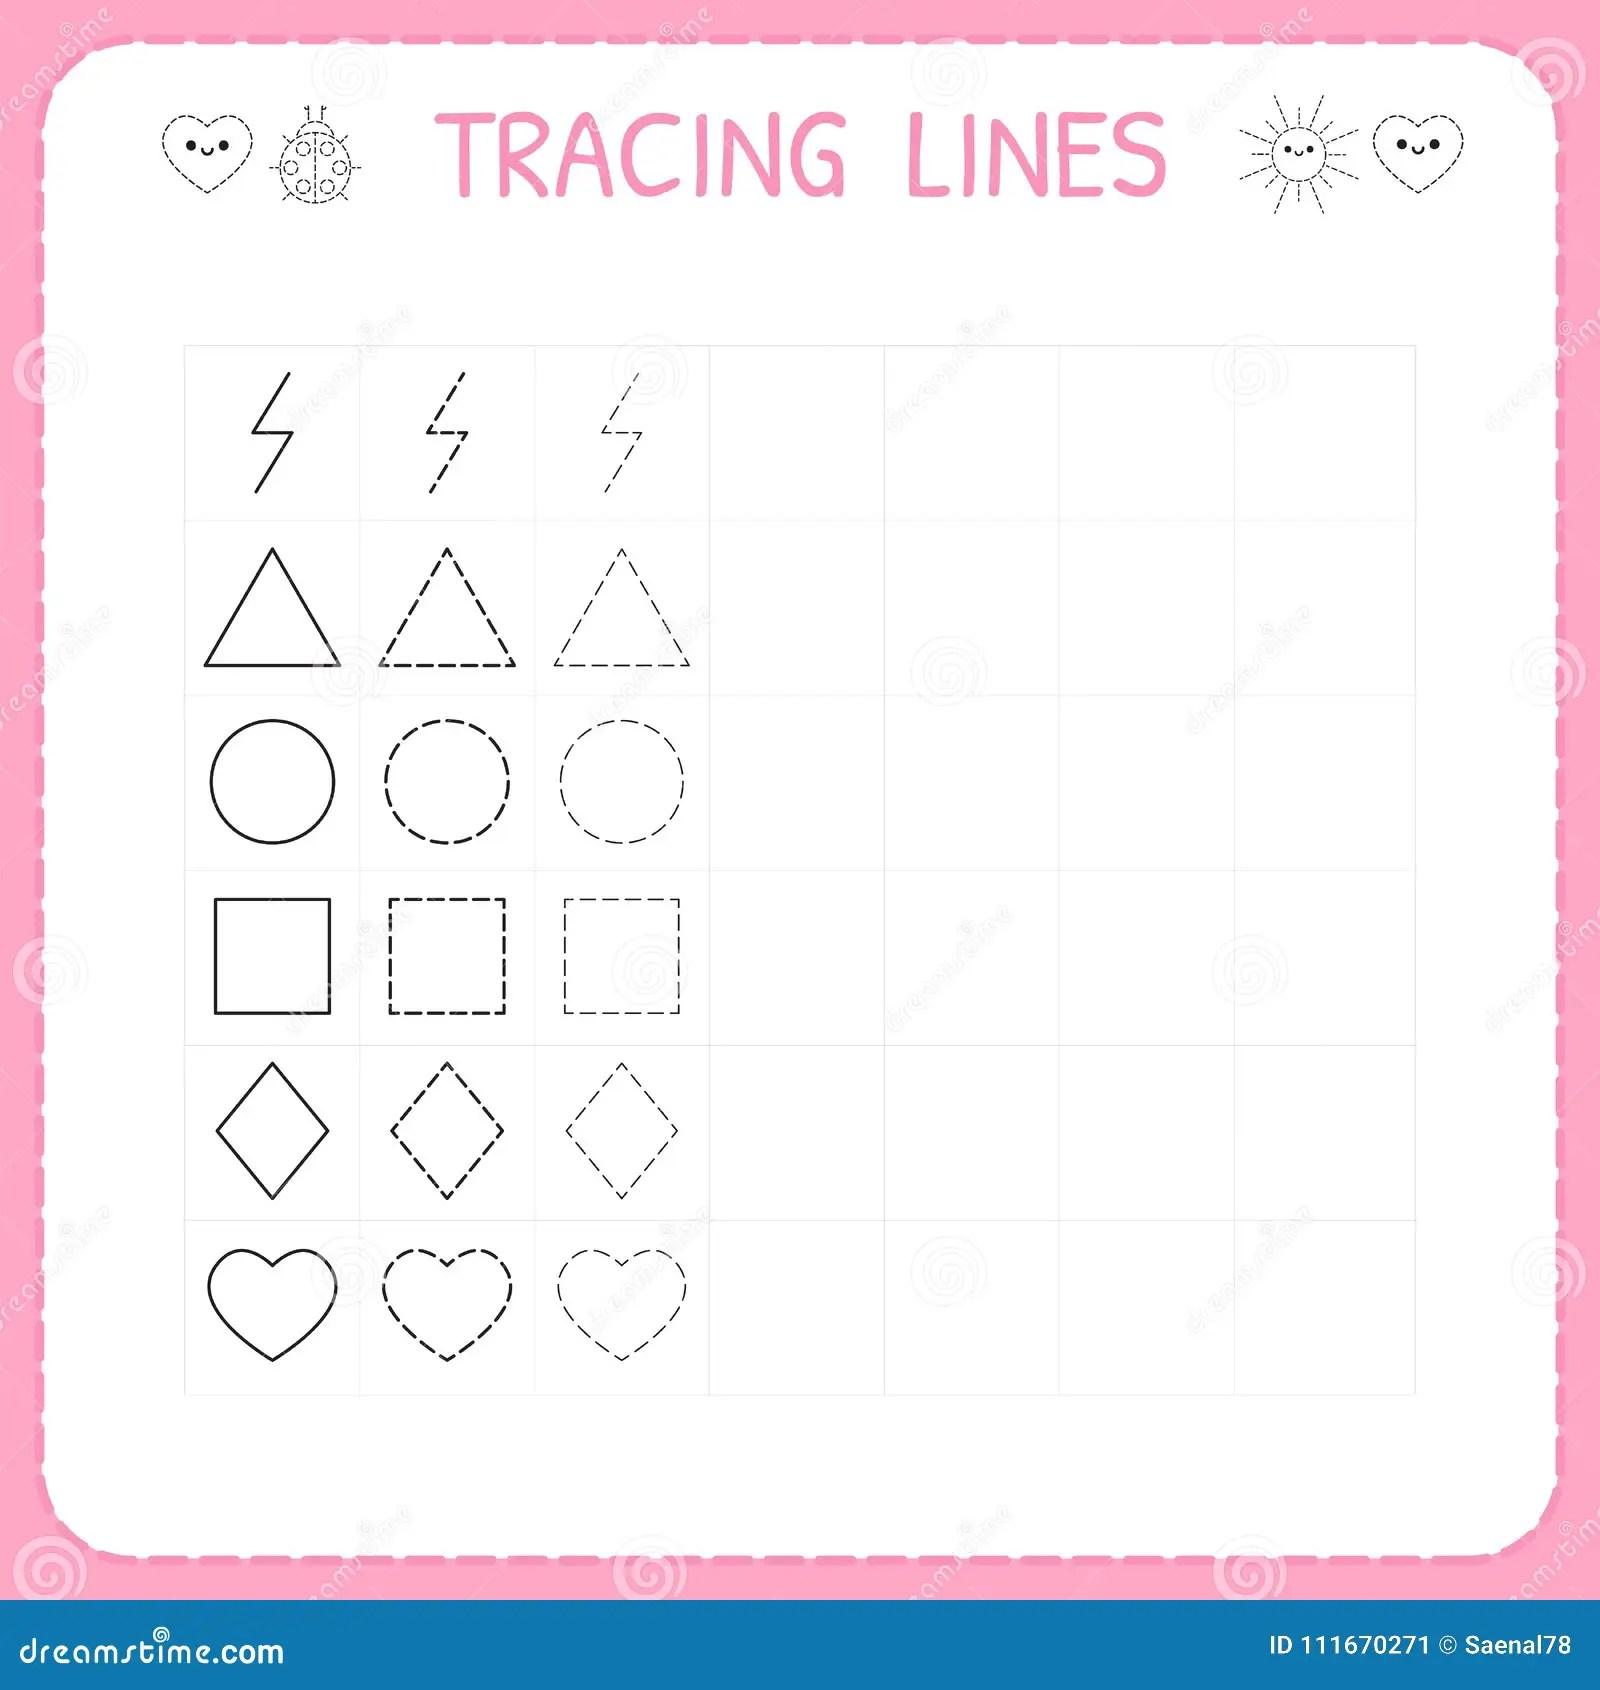 Trace Line Worksheet For Kids Working Pages For Children Preschool Or Kindergarten Worksheet